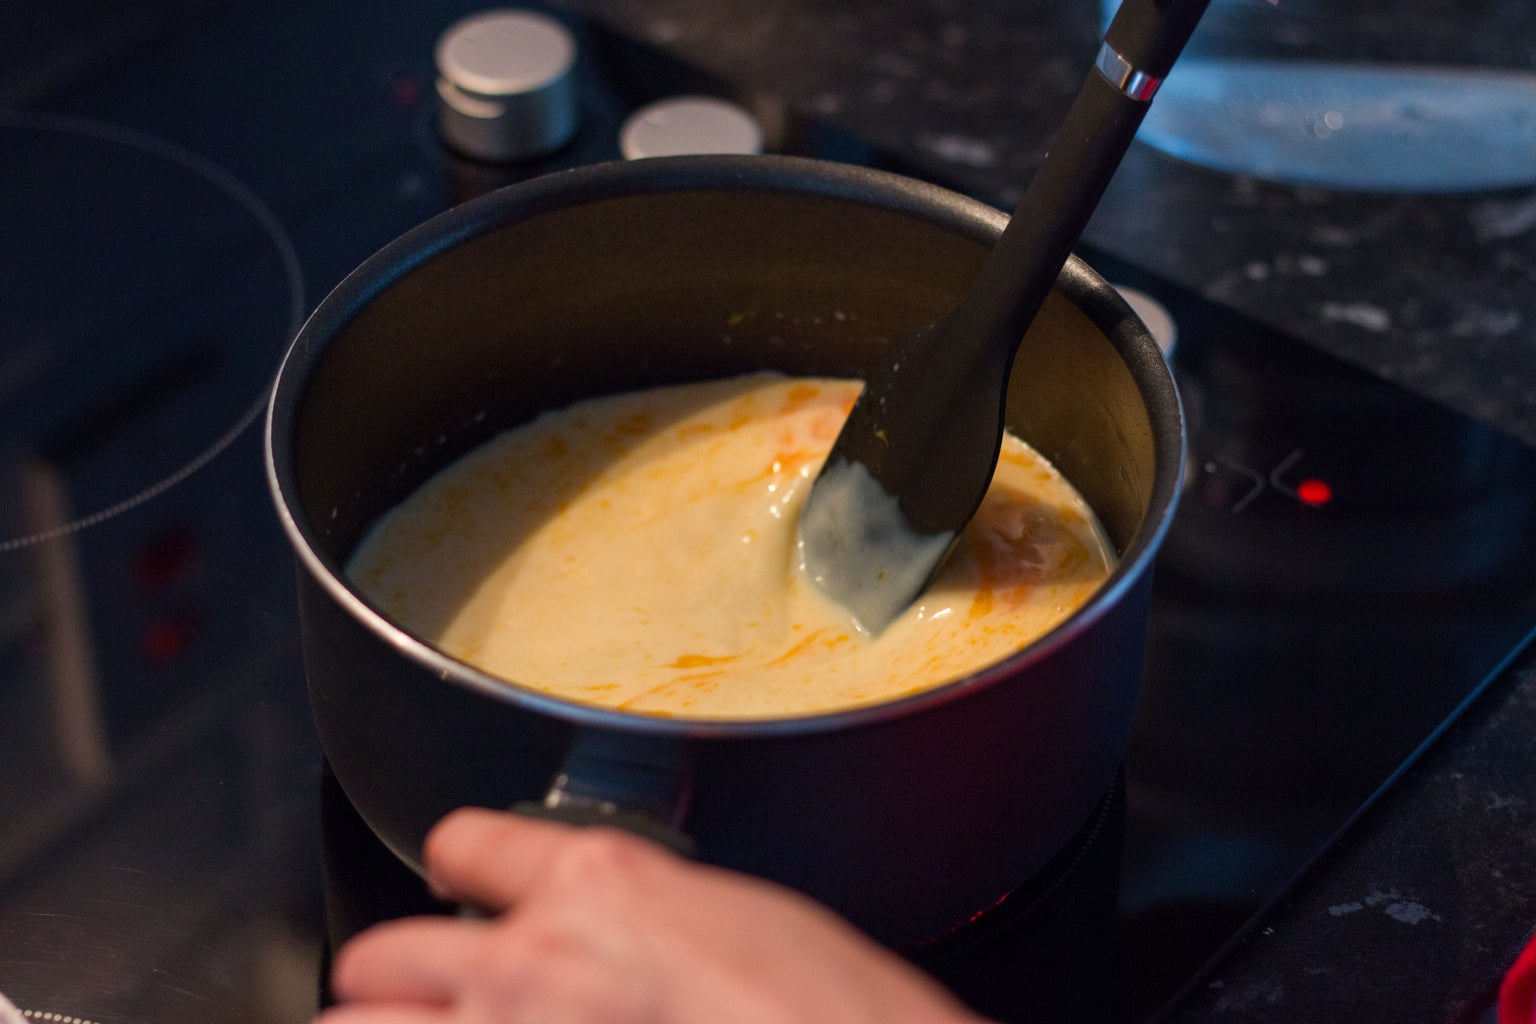 Preparing the Pudding